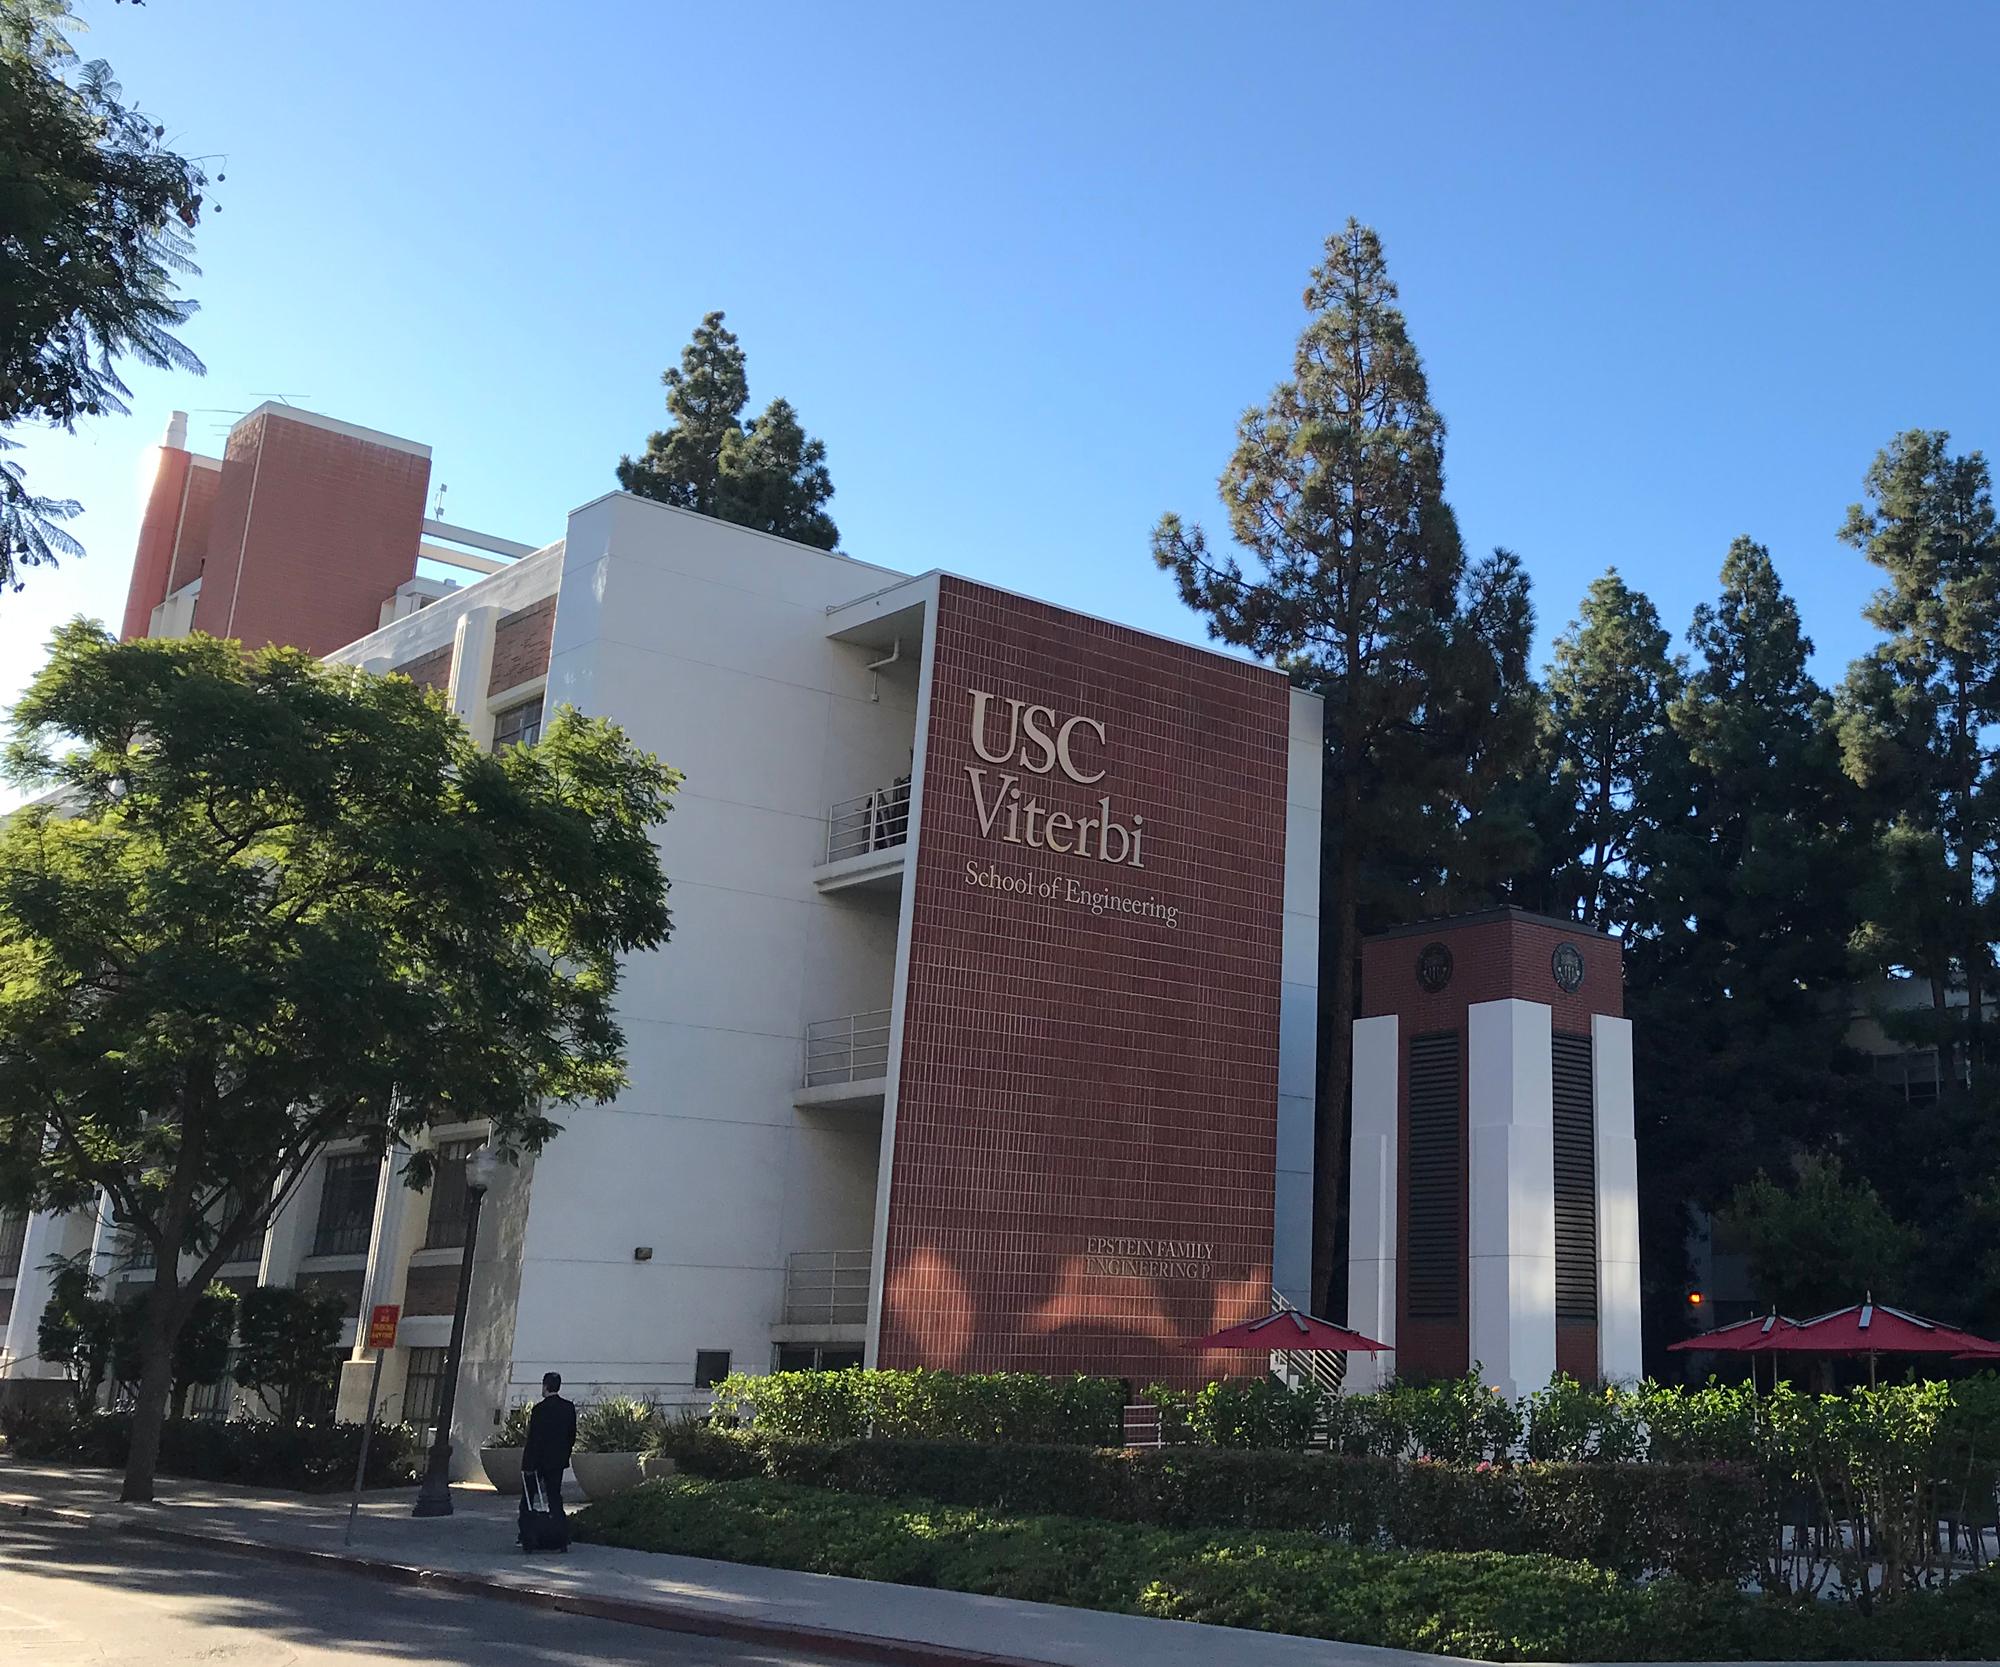 USC M.C. Gill Composites Center